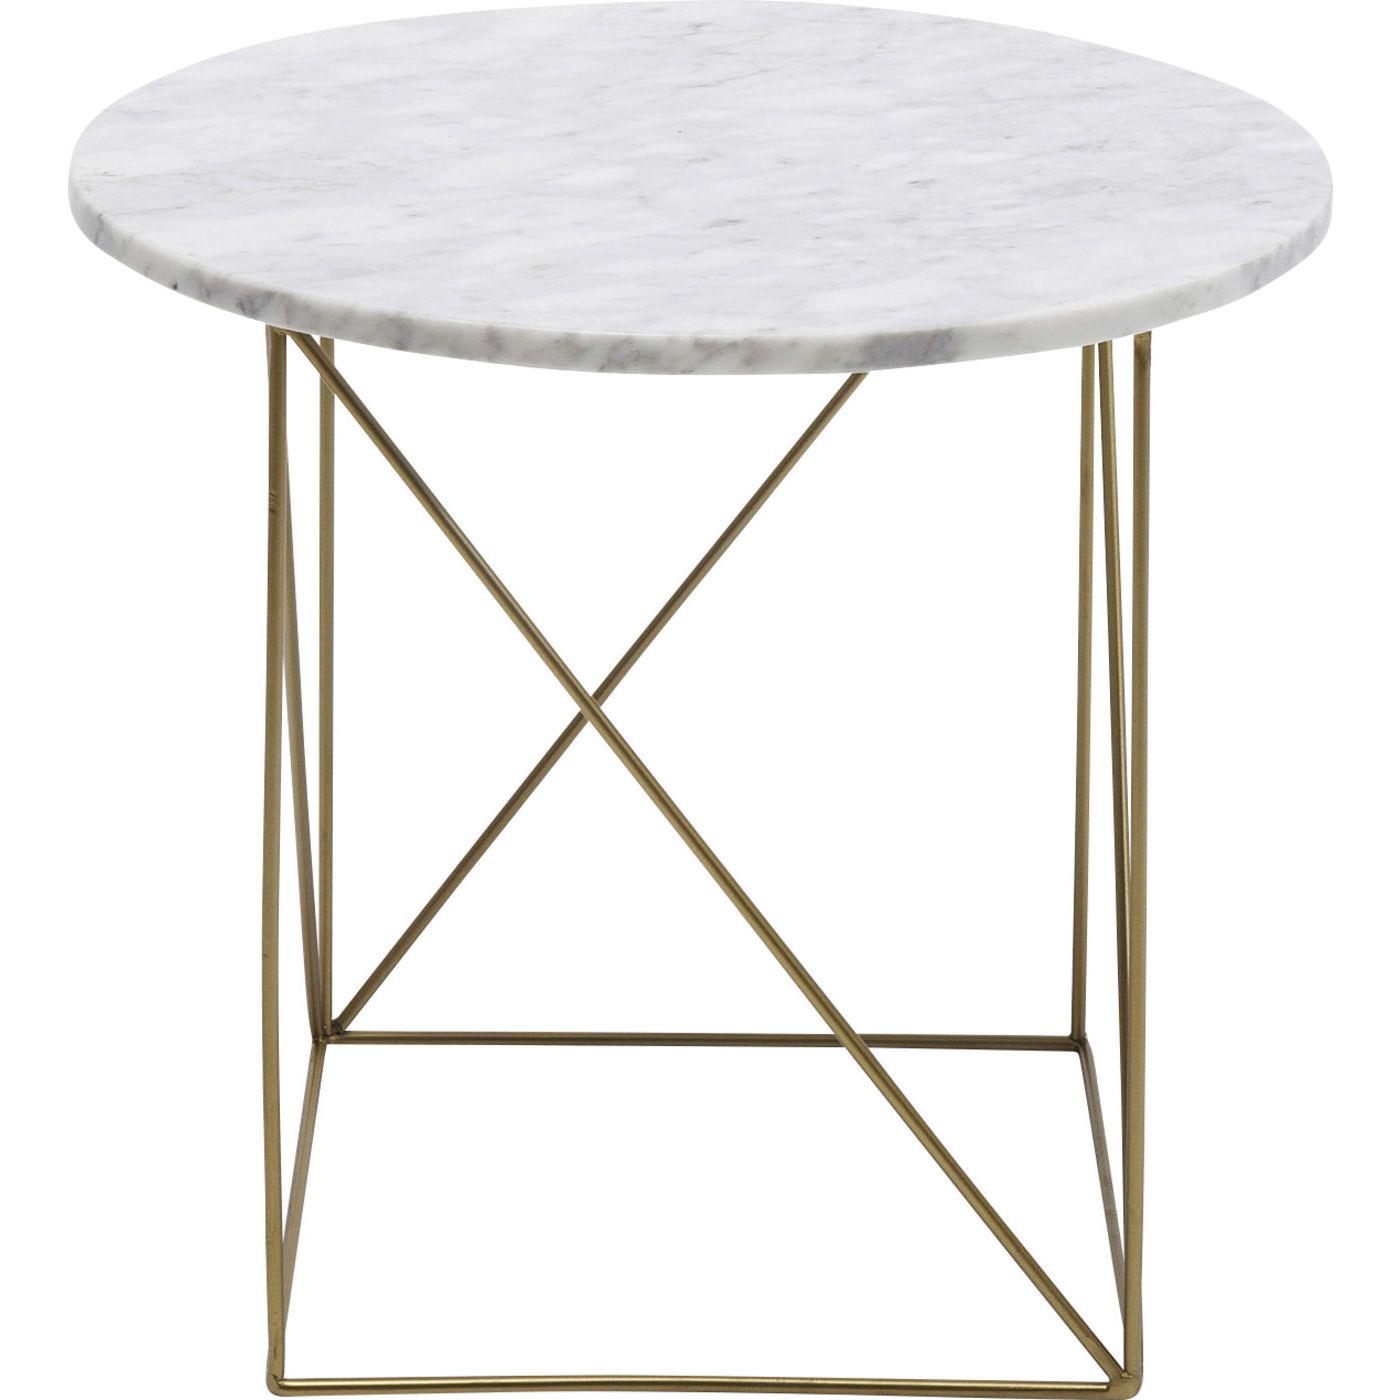 kare design Kare design key largo white sidebord - hvidt marmor/guld stål, rundt (ø40) fra boboonline.dk